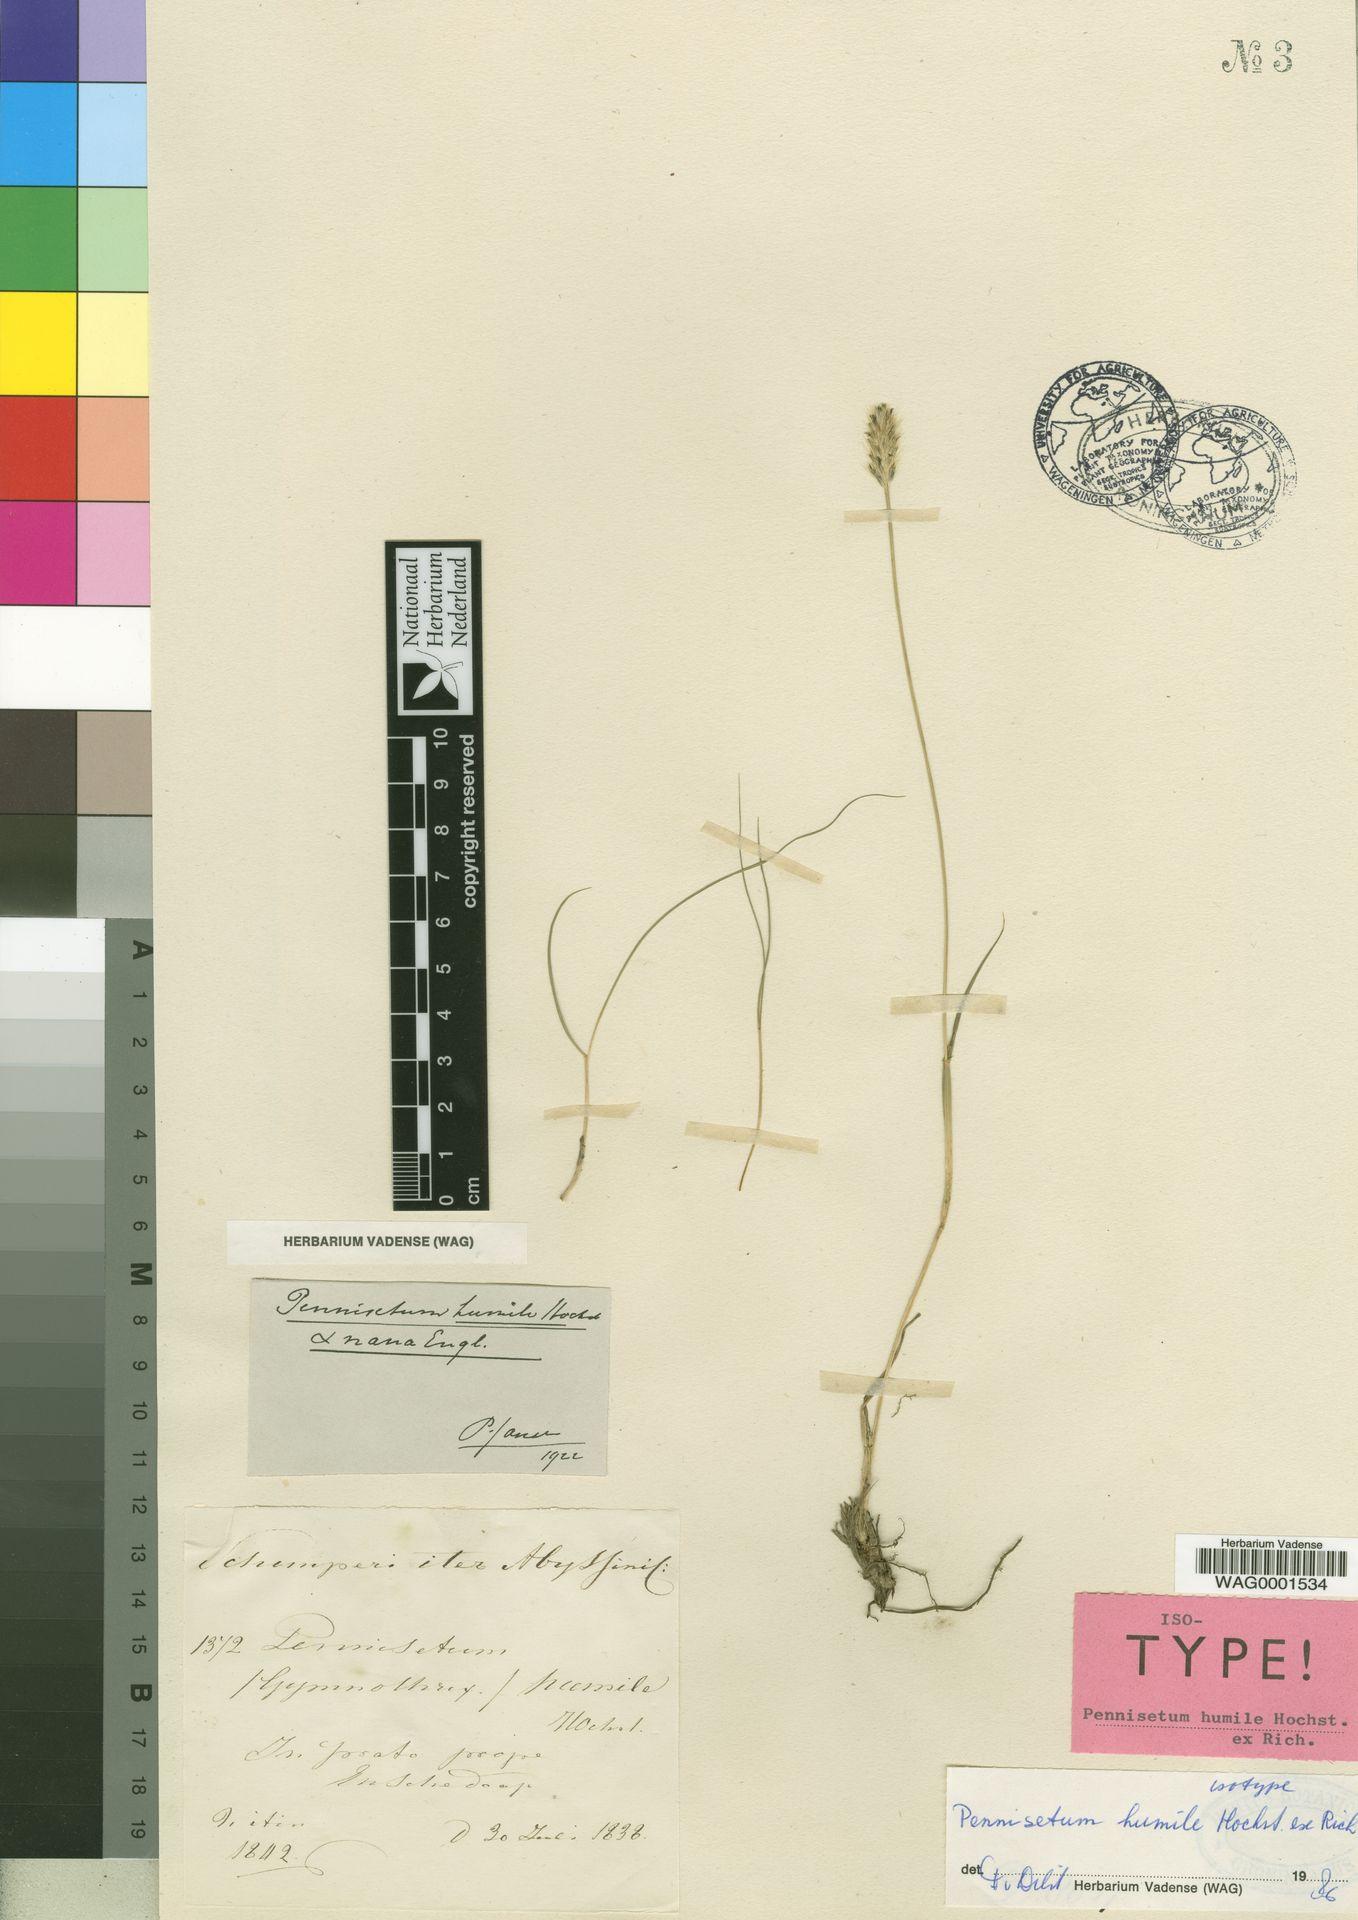 WAG0001534 | Pennisetum humile Hochst. ex A.Rich.